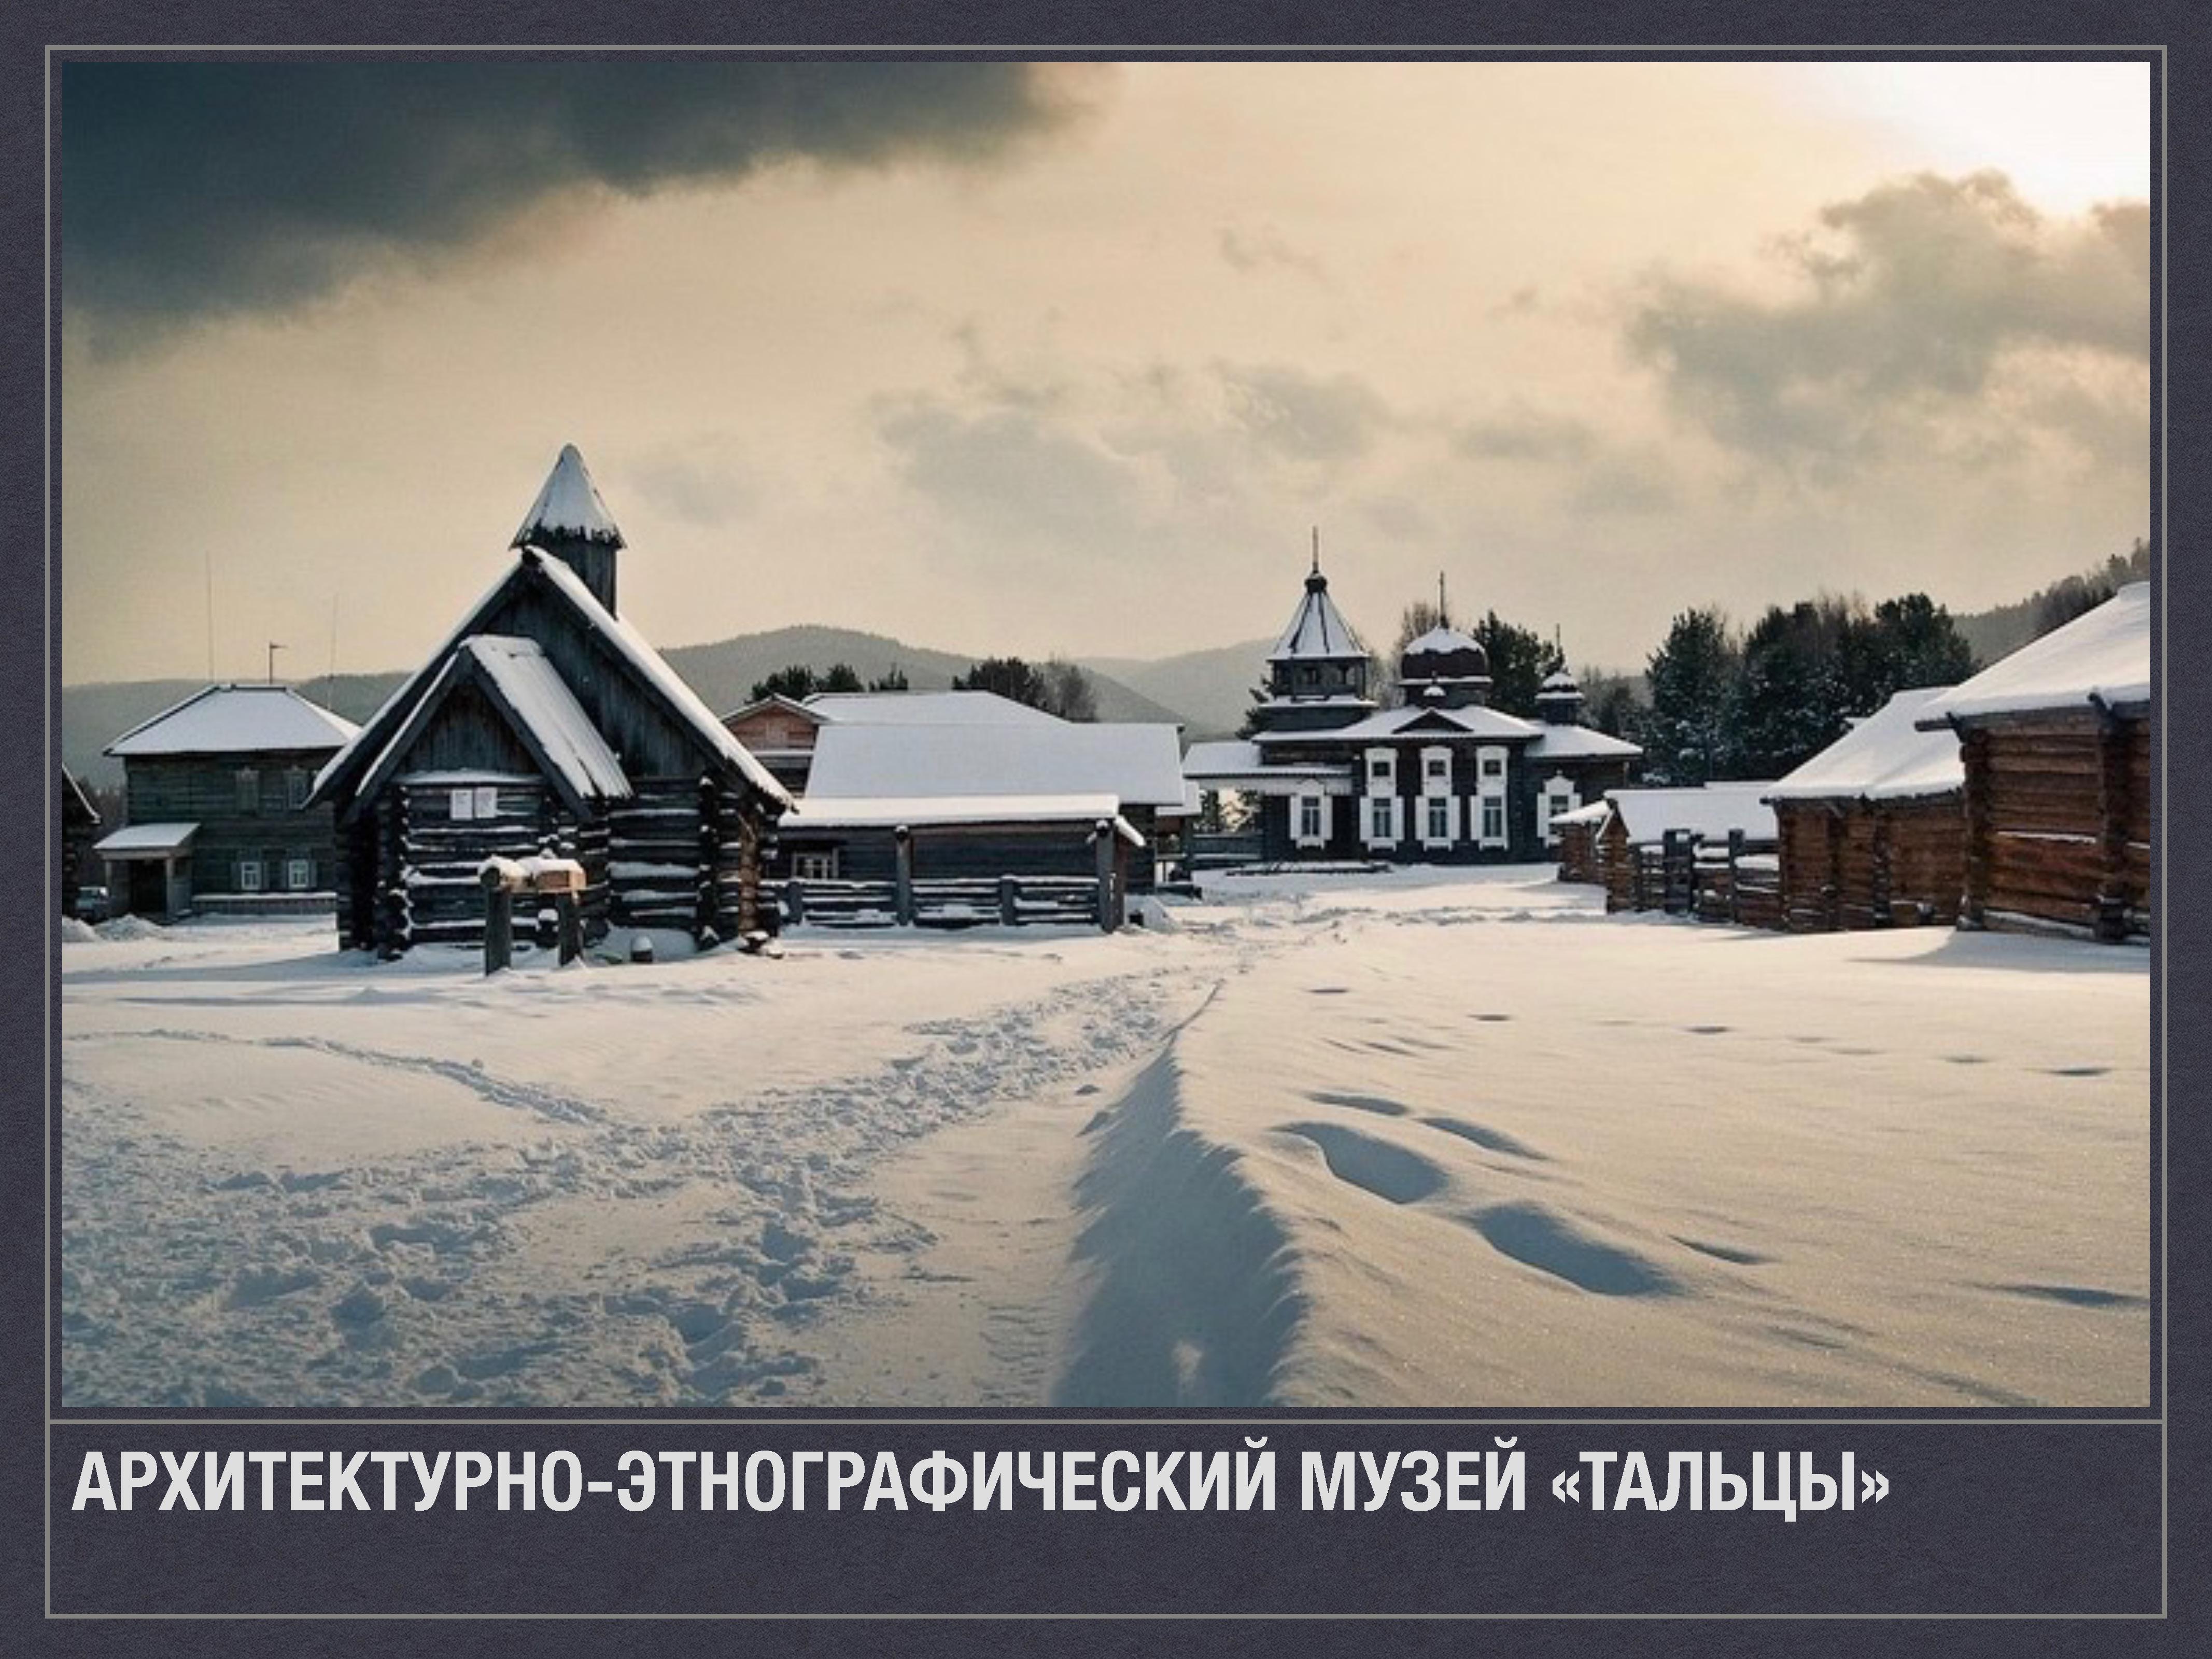 Baikal__02